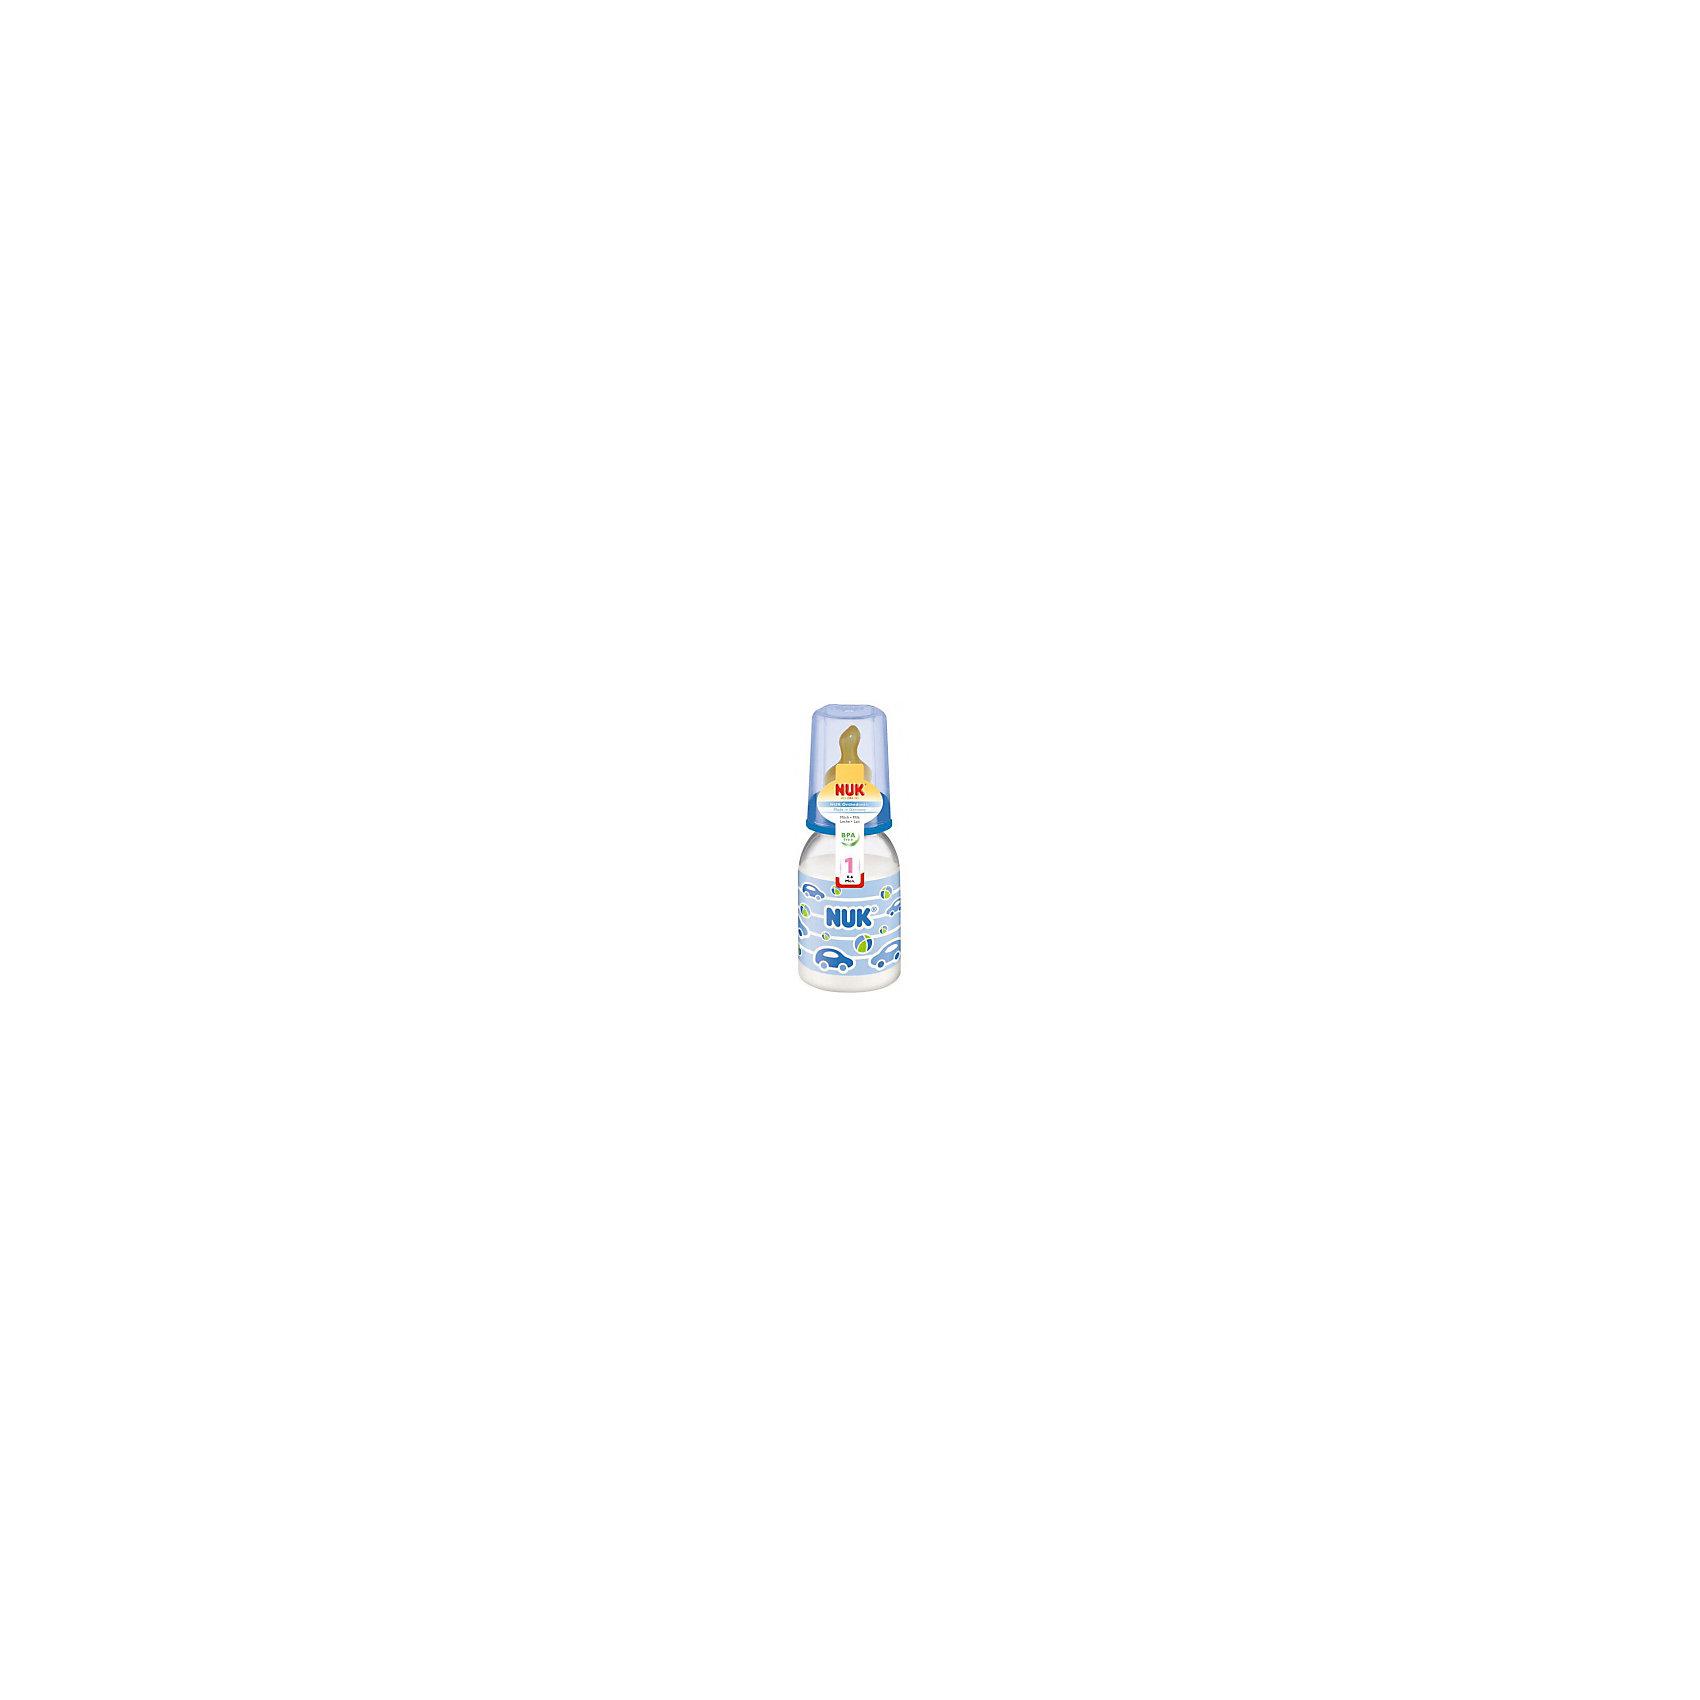 Бутылочка полипропиленовая (110 мл) с латексной соской, NUKОбеспечить ребенку правильное и комфортное питание - одна из важнейших задач родителей. Современные технологии помогают это сделать достаточно легко. Пример тому: эта бутылочка со специальной соской.<br>Бутылочка имеет удобную форму, она герметична и сделана из безопасного даже для самых маленьких пластика. Соска произведена из латекса - на сегодняшний день это один из лучших материалов для производства сосок. Она имеет отверстие, рассчитанное на жидкое питание. Форма соски позволяет обеспечить малышу комфорт при питании, а также предотвратить заглатывание воздуха и образование колик. Подарите удобство себе и ребенку!<br><br>Дополнительная информация:<br><br>цвет: разноцветный;<br>материал: пластик, латекс;<br>возраст ребенка: от рождения до 6 месяцев;<br>противоколиковый клапан;<br>для жидких продуктов;<br>объем: 110 мл.<br><br>Бутылочку полипропиленовую (110 мл) с латексной соской от компании NUK можно купить в нашем магазине.<br><br>Ширина мм: 55<br>Глубина мм: 55<br>Высота мм: 100<br>Вес г: 120<br>Возраст от месяцев: -2147483648<br>Возраст до месяцев: 2147483647<br>Пол: Унисекс<br>Возраст: Детский<br>SKU: 3932428